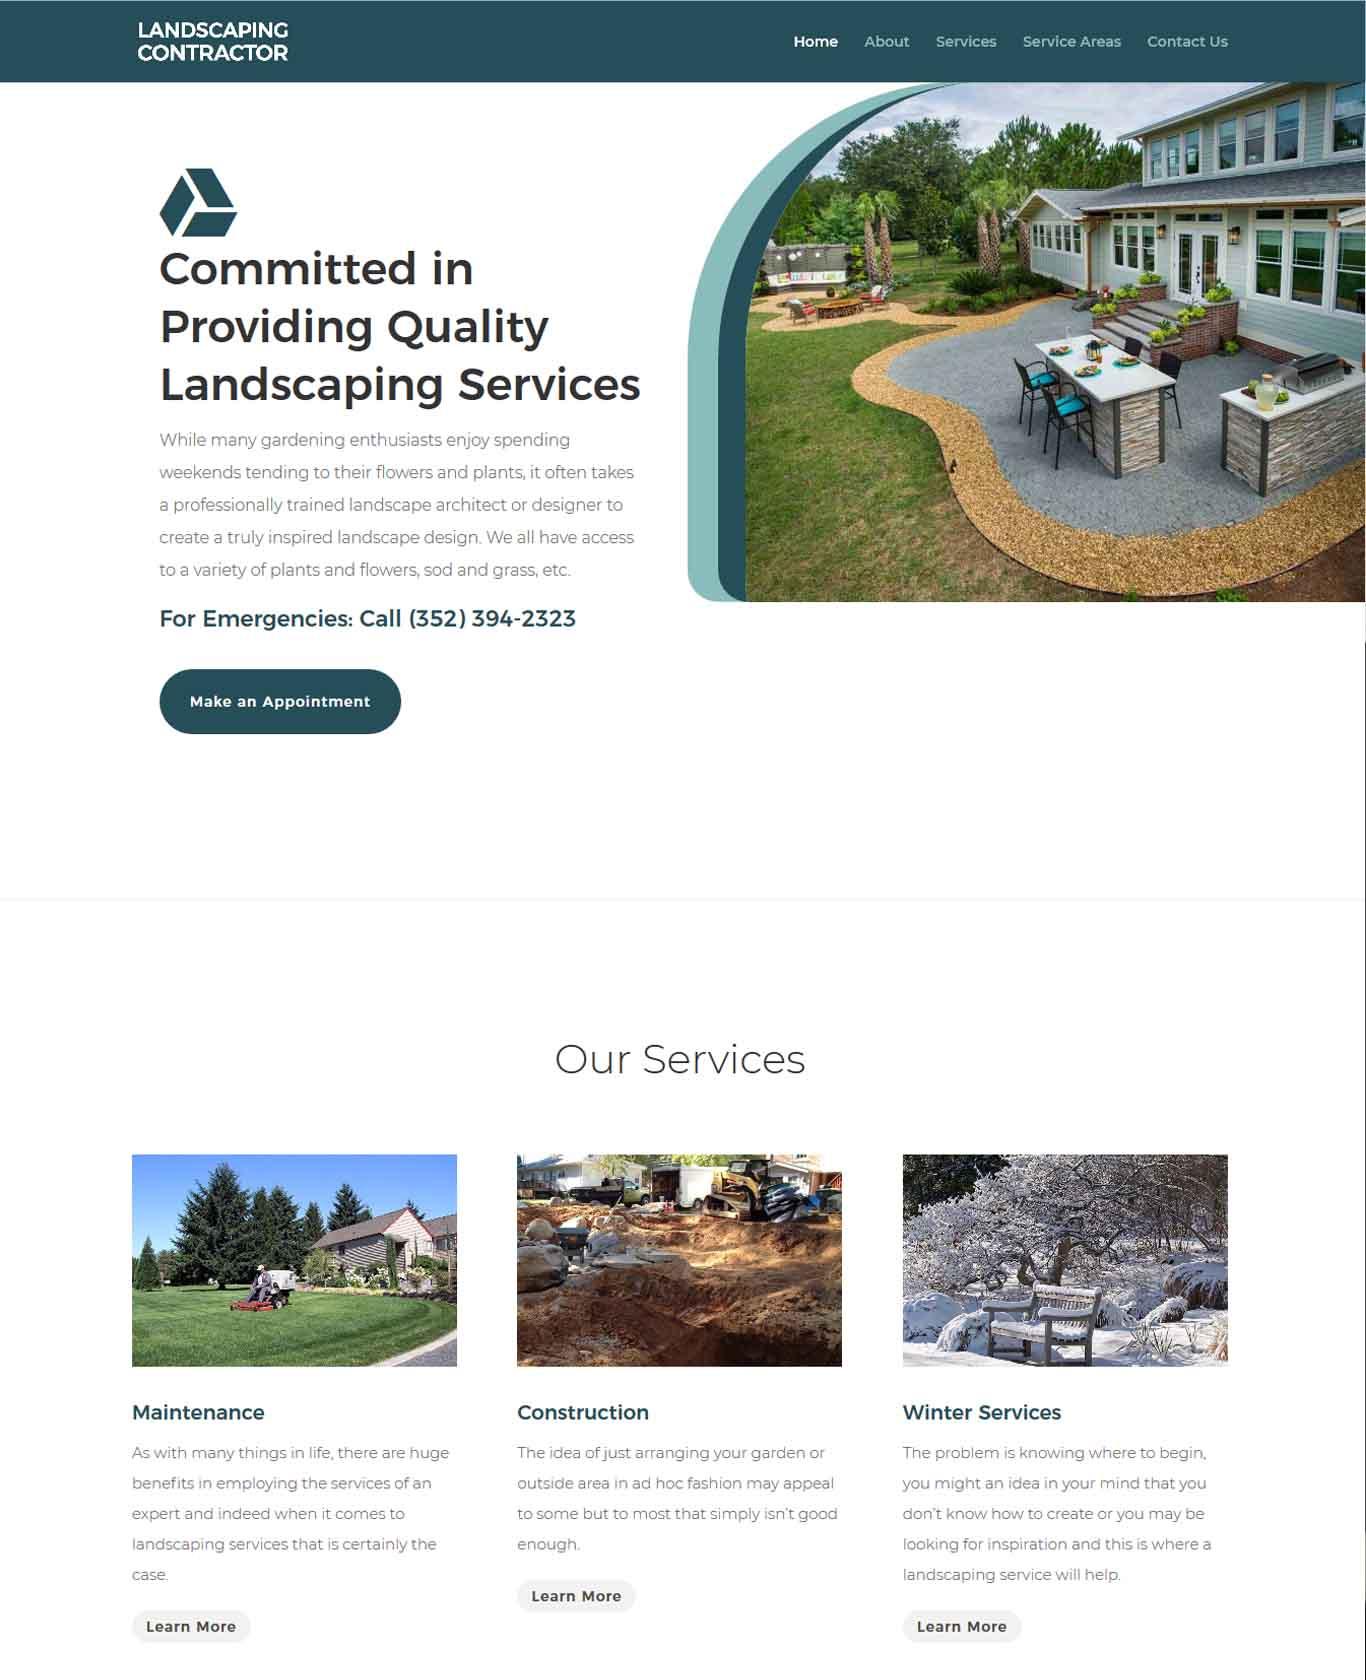 Landscape Contractor Website